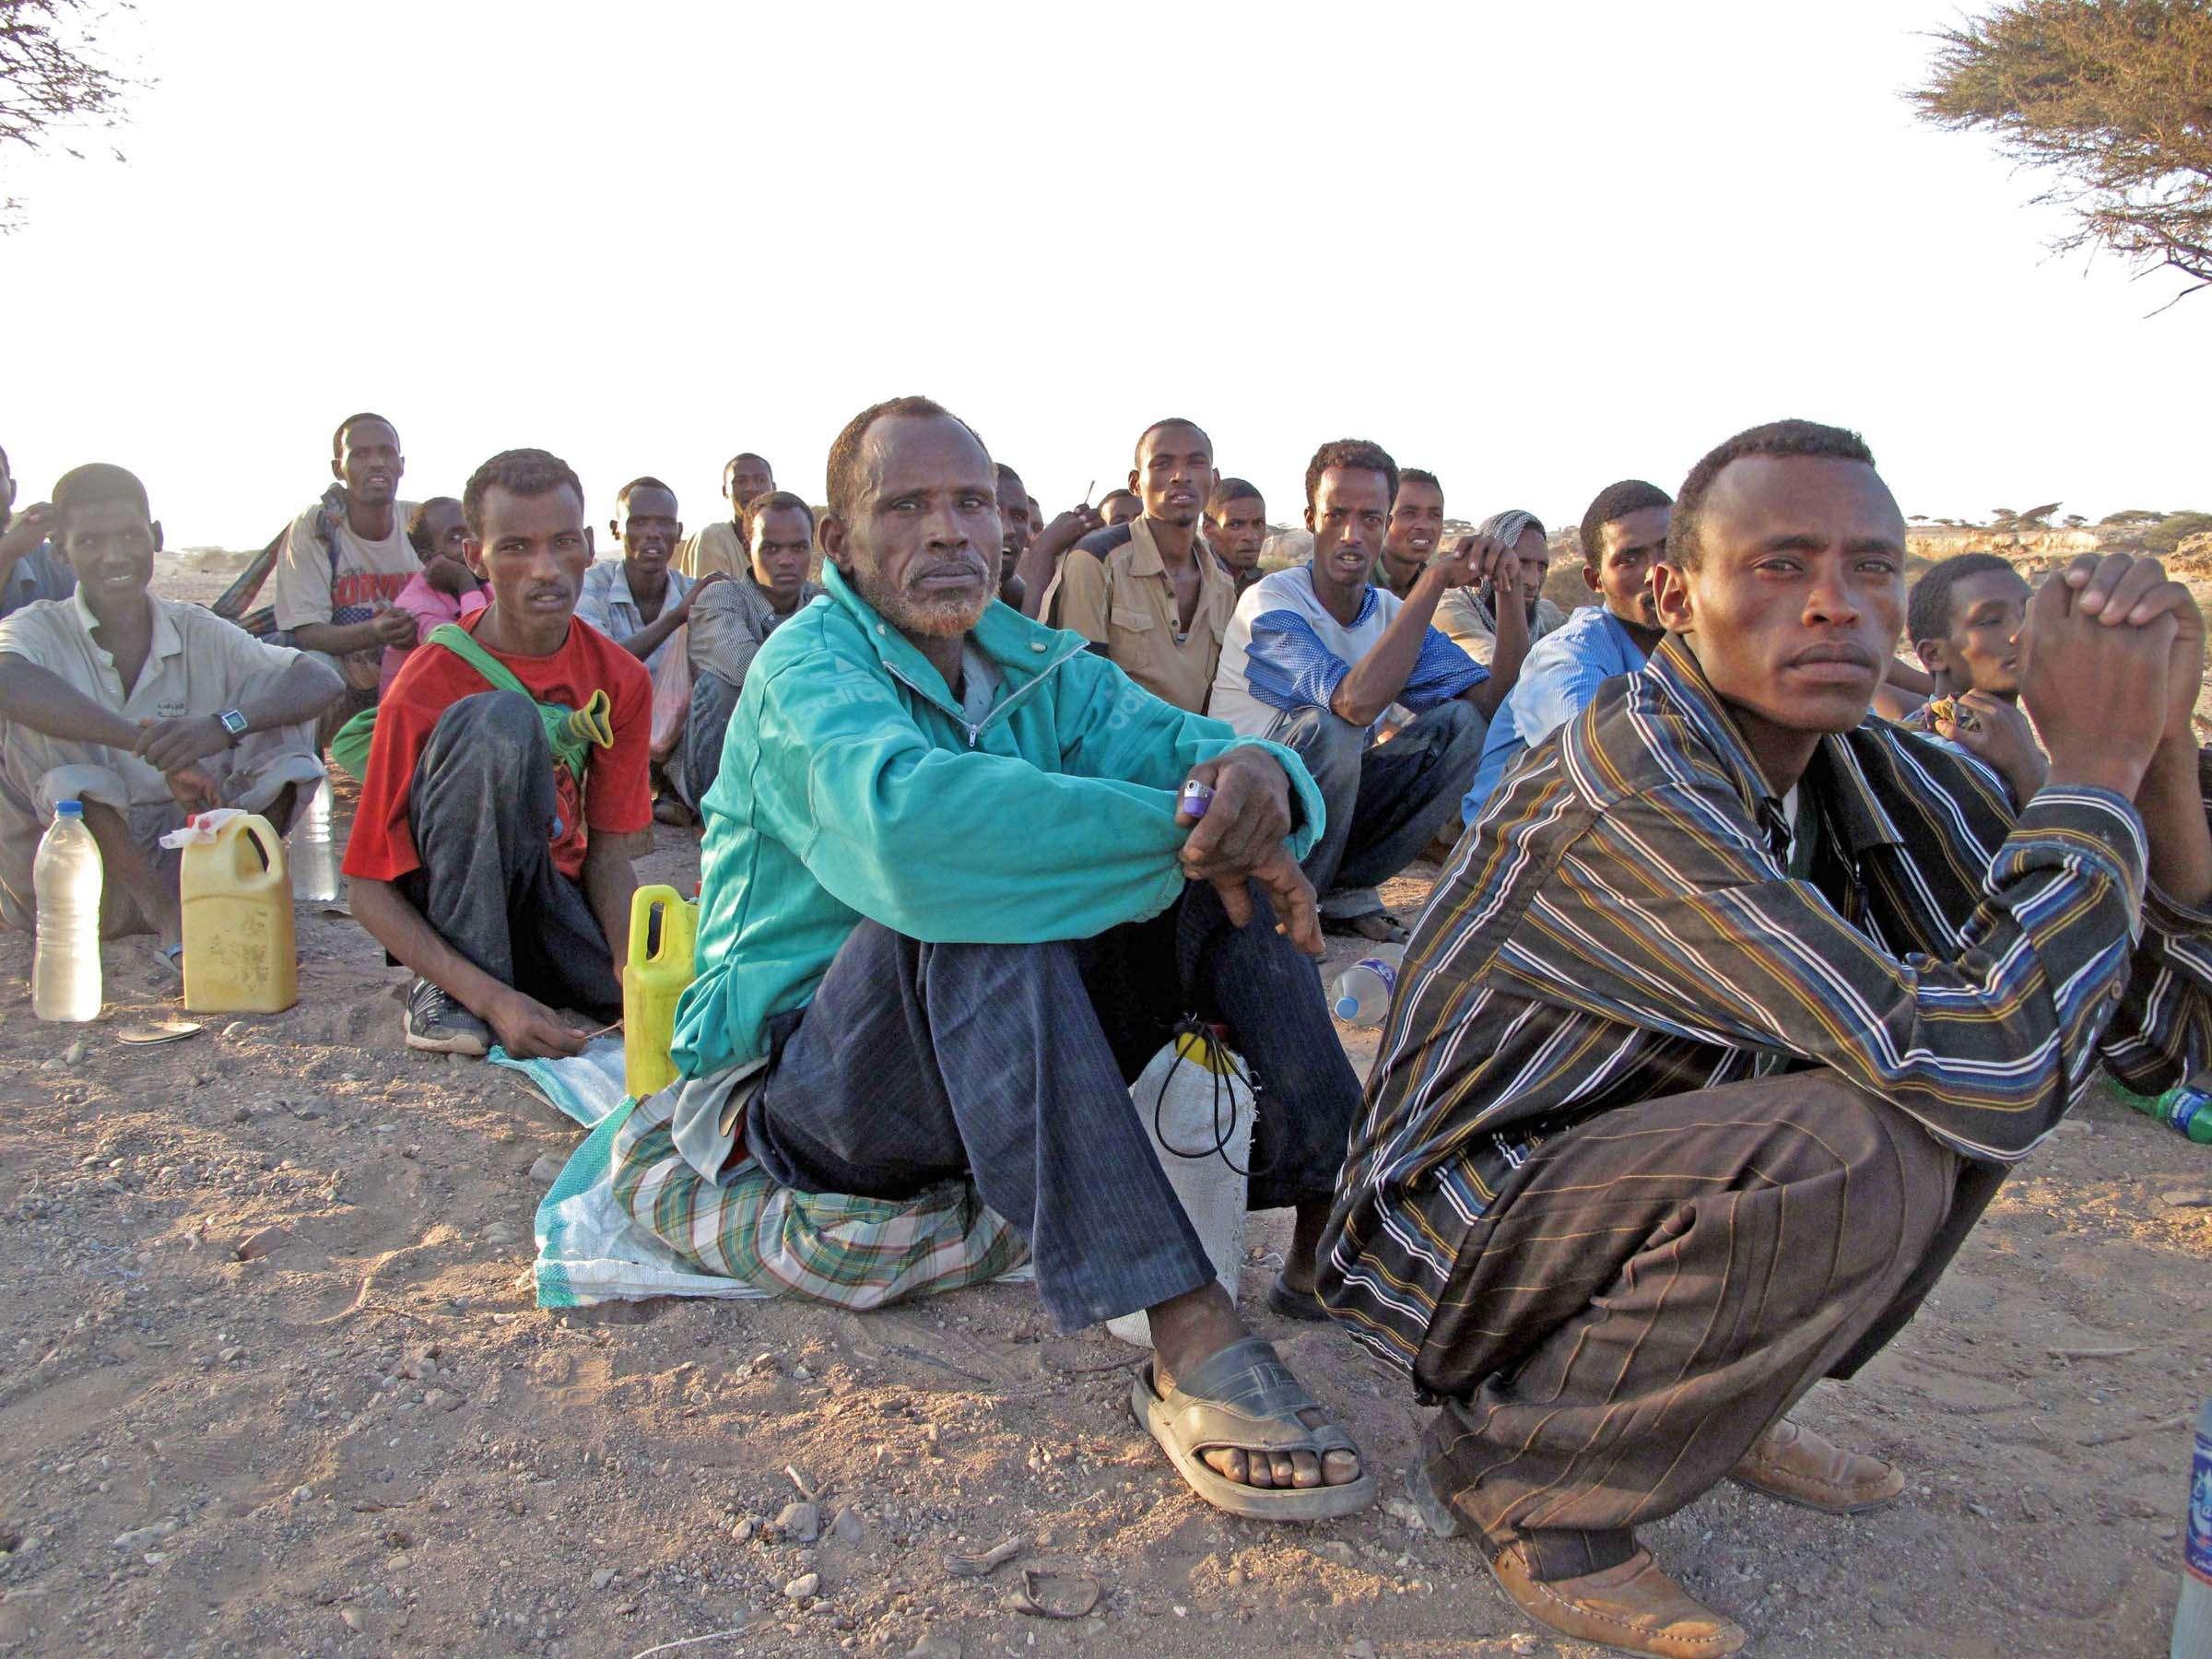 الأورومتوسطي: أوروبا تعيد المئات من المهاجرين قسريًا إلى مخيمات في ليبيا